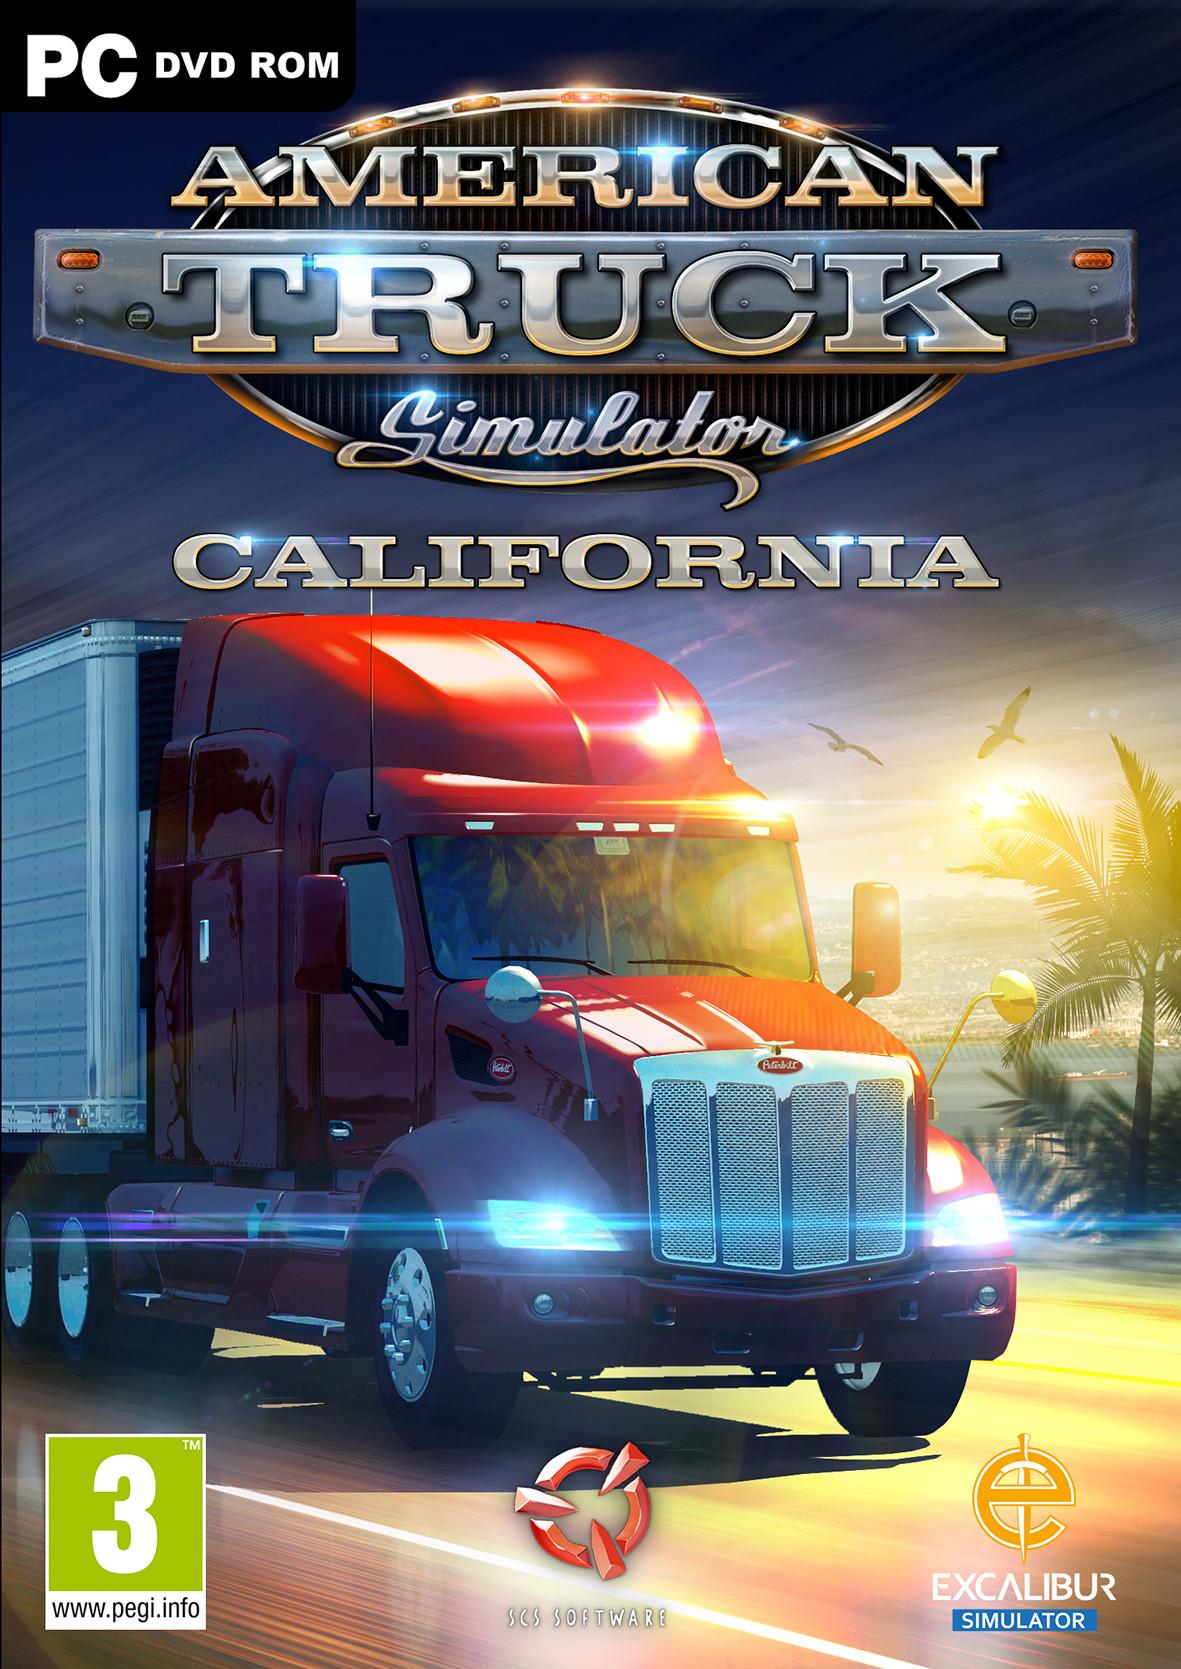 American Truck Simulator [v 1.6.2.4s + 14 DLC] (2016) PC | RePack от R.G. Механики